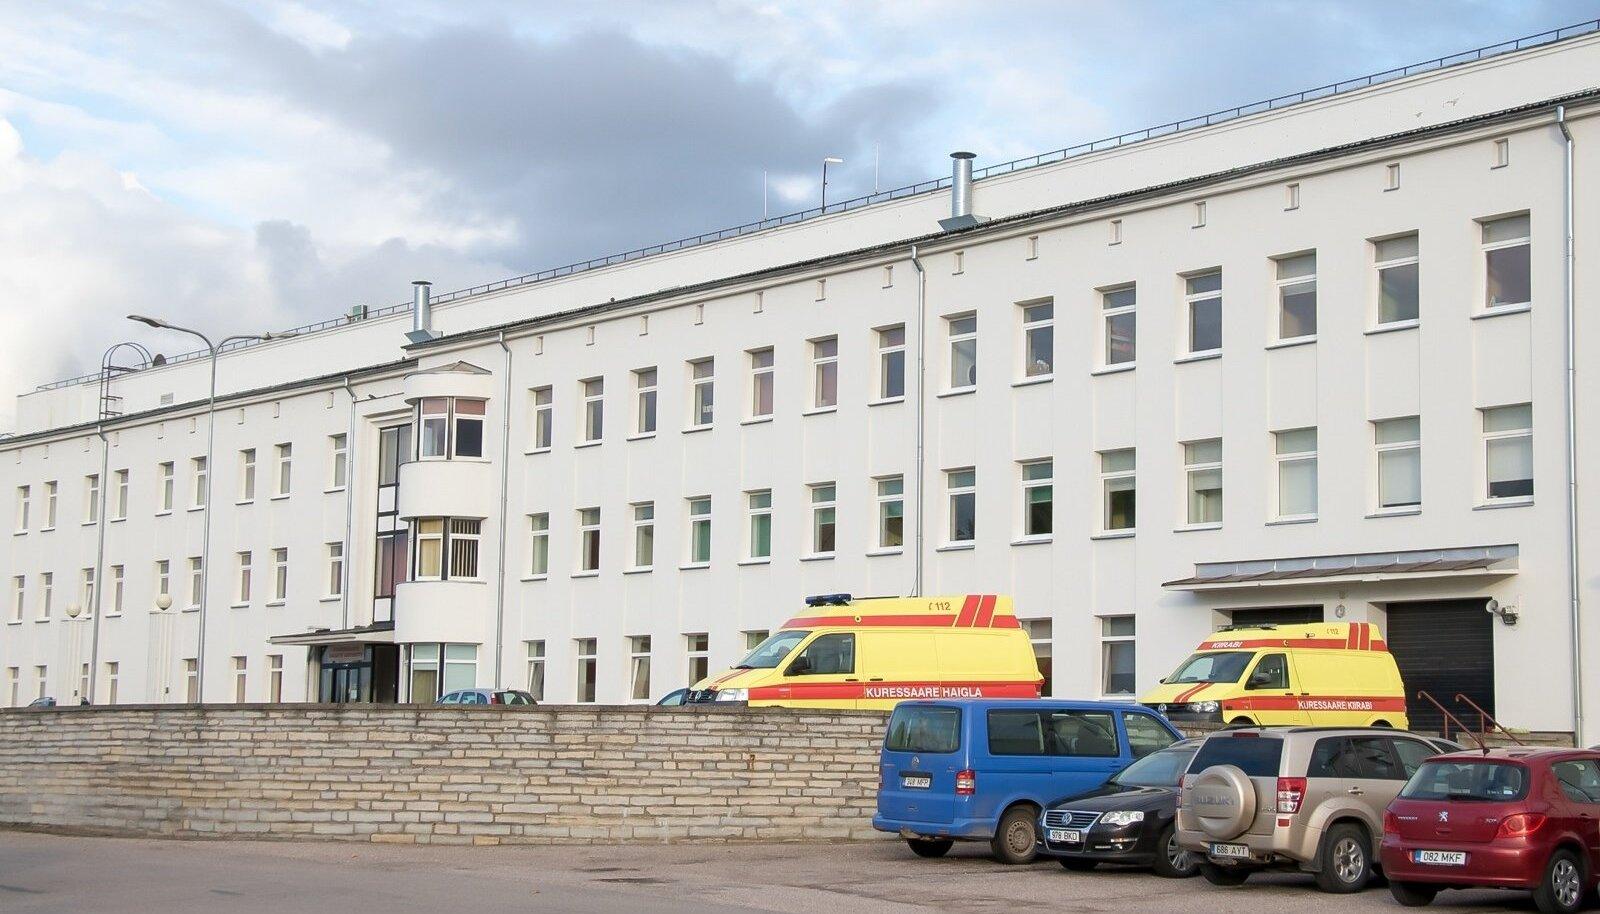 14. ja 15. septembril toimub Saaremaal Kuressaare linnas ulatuslik katastroofiõppus, mil saarele on suunatud lisaressursid mandrilt. Eesti Päästemeeskonna meditsiinirühm, Soome ja Eesti Punane Rist ning kiirabibrigaadid harjutavad koostöös kohalike abistajatega toimimist saarel suurõnnetuse ajal. Kuressaare Piiskopilinnuse juurde püstitatakse välihaigla